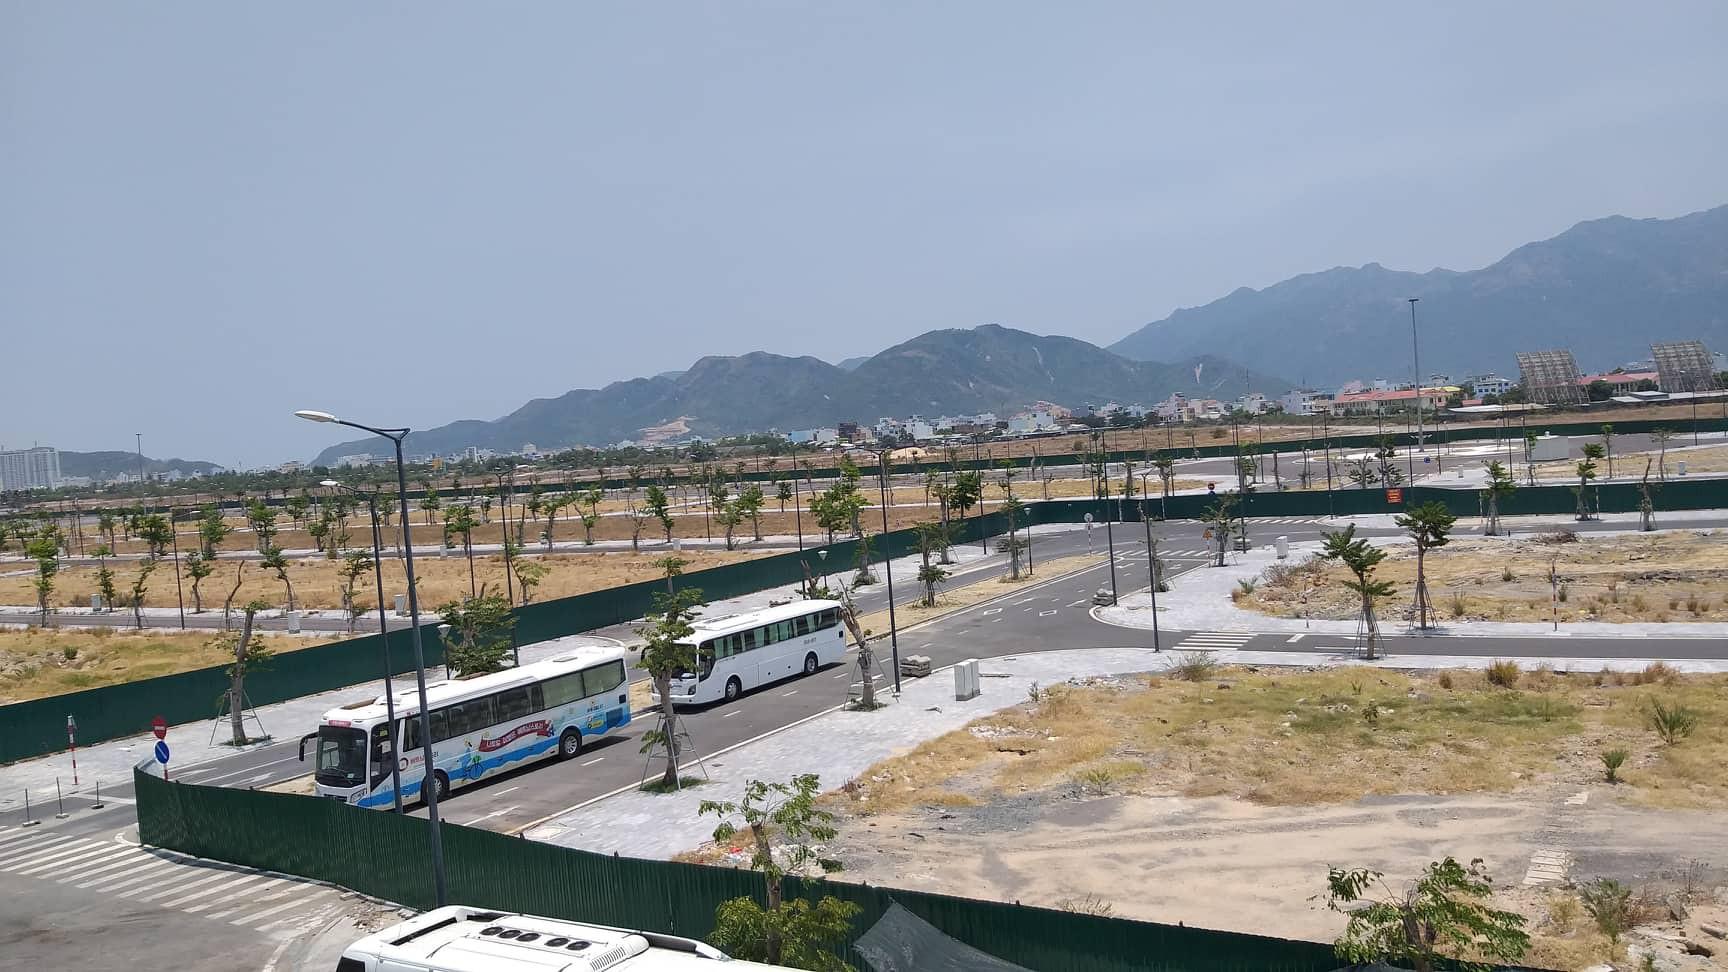 Đề nghị công an xử lí việc mua bán đất sân bay Nha Trang cũ - Ảnh 1.